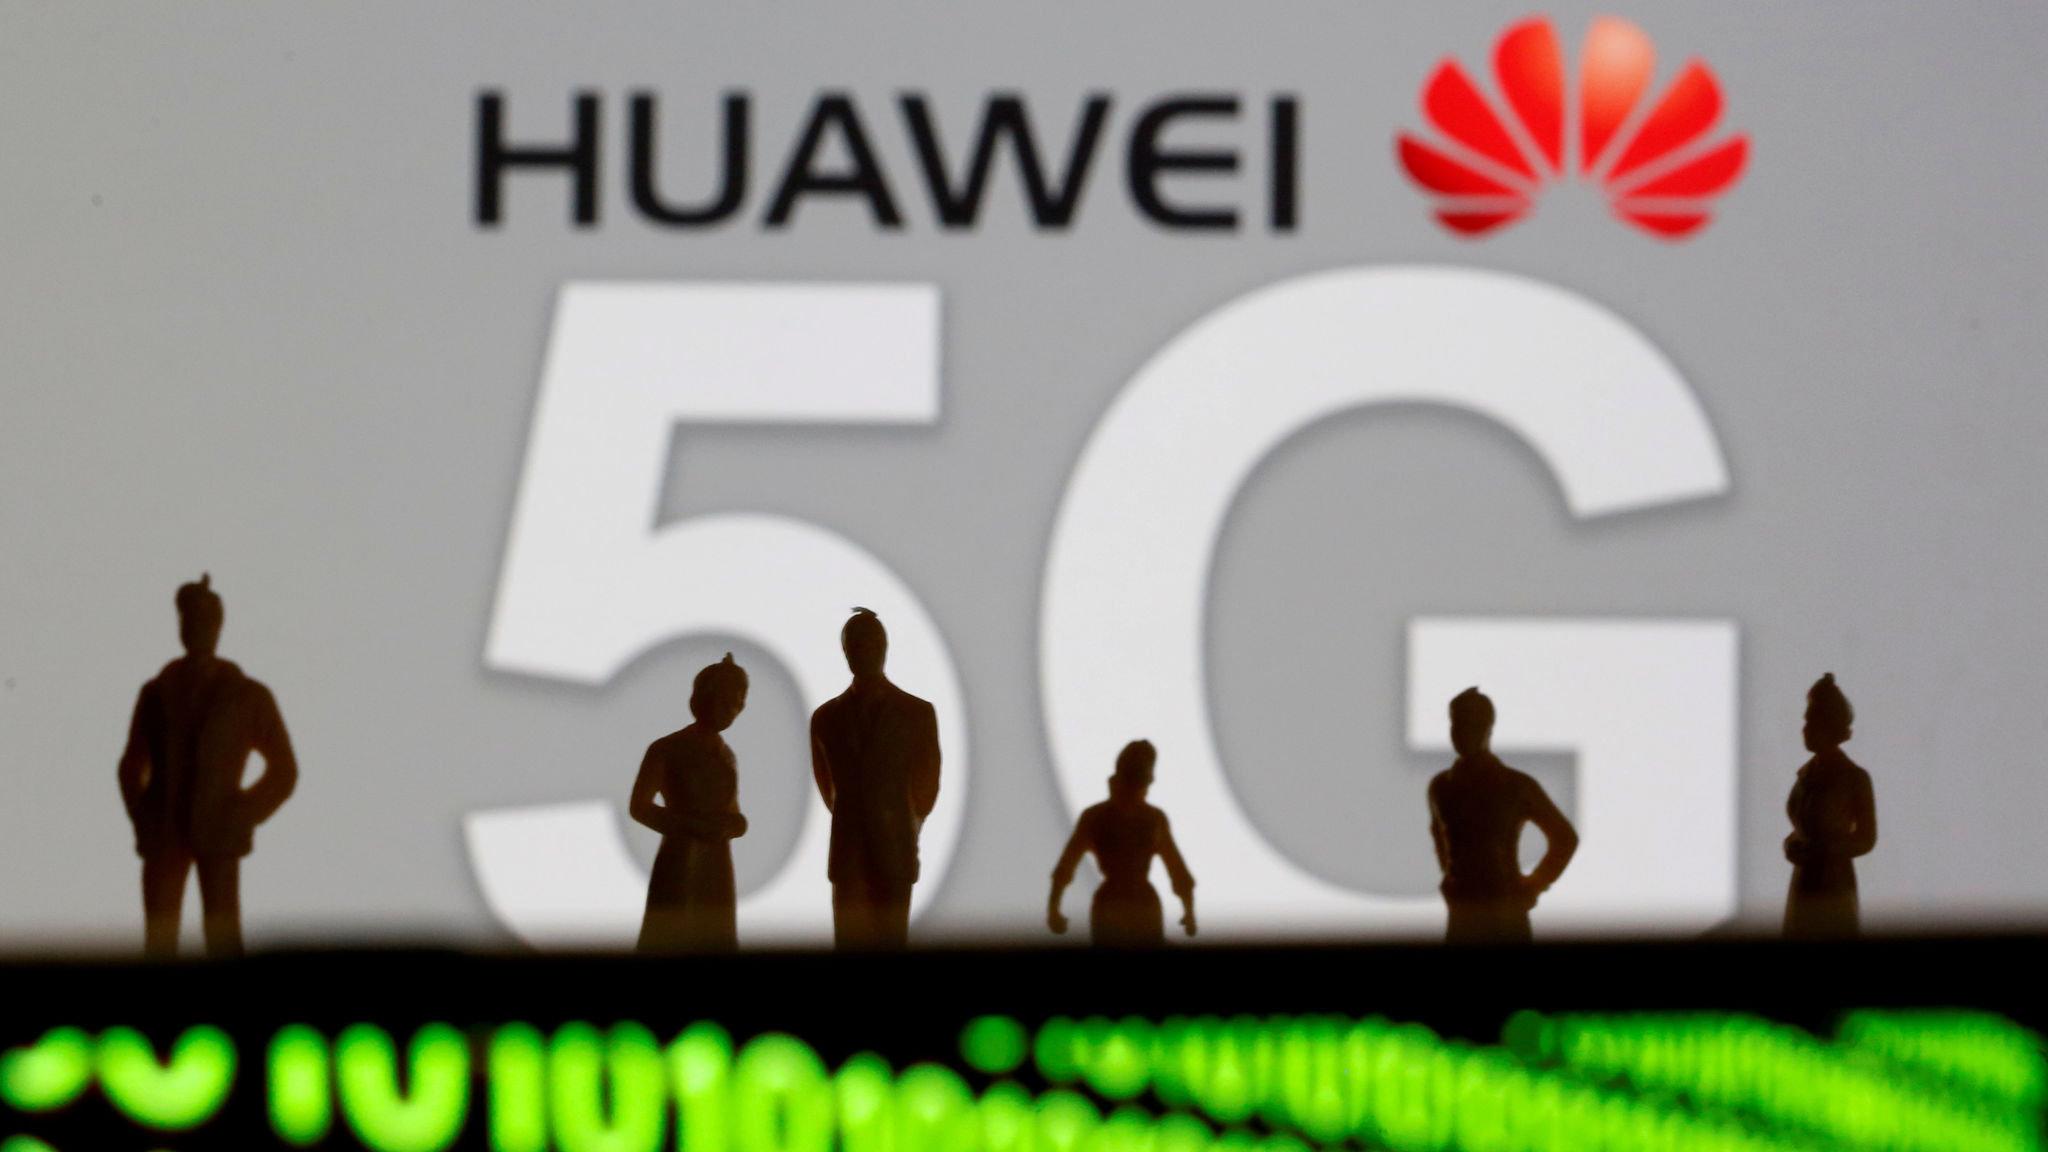 Telefónica chooses Huawei to help build German 5G network